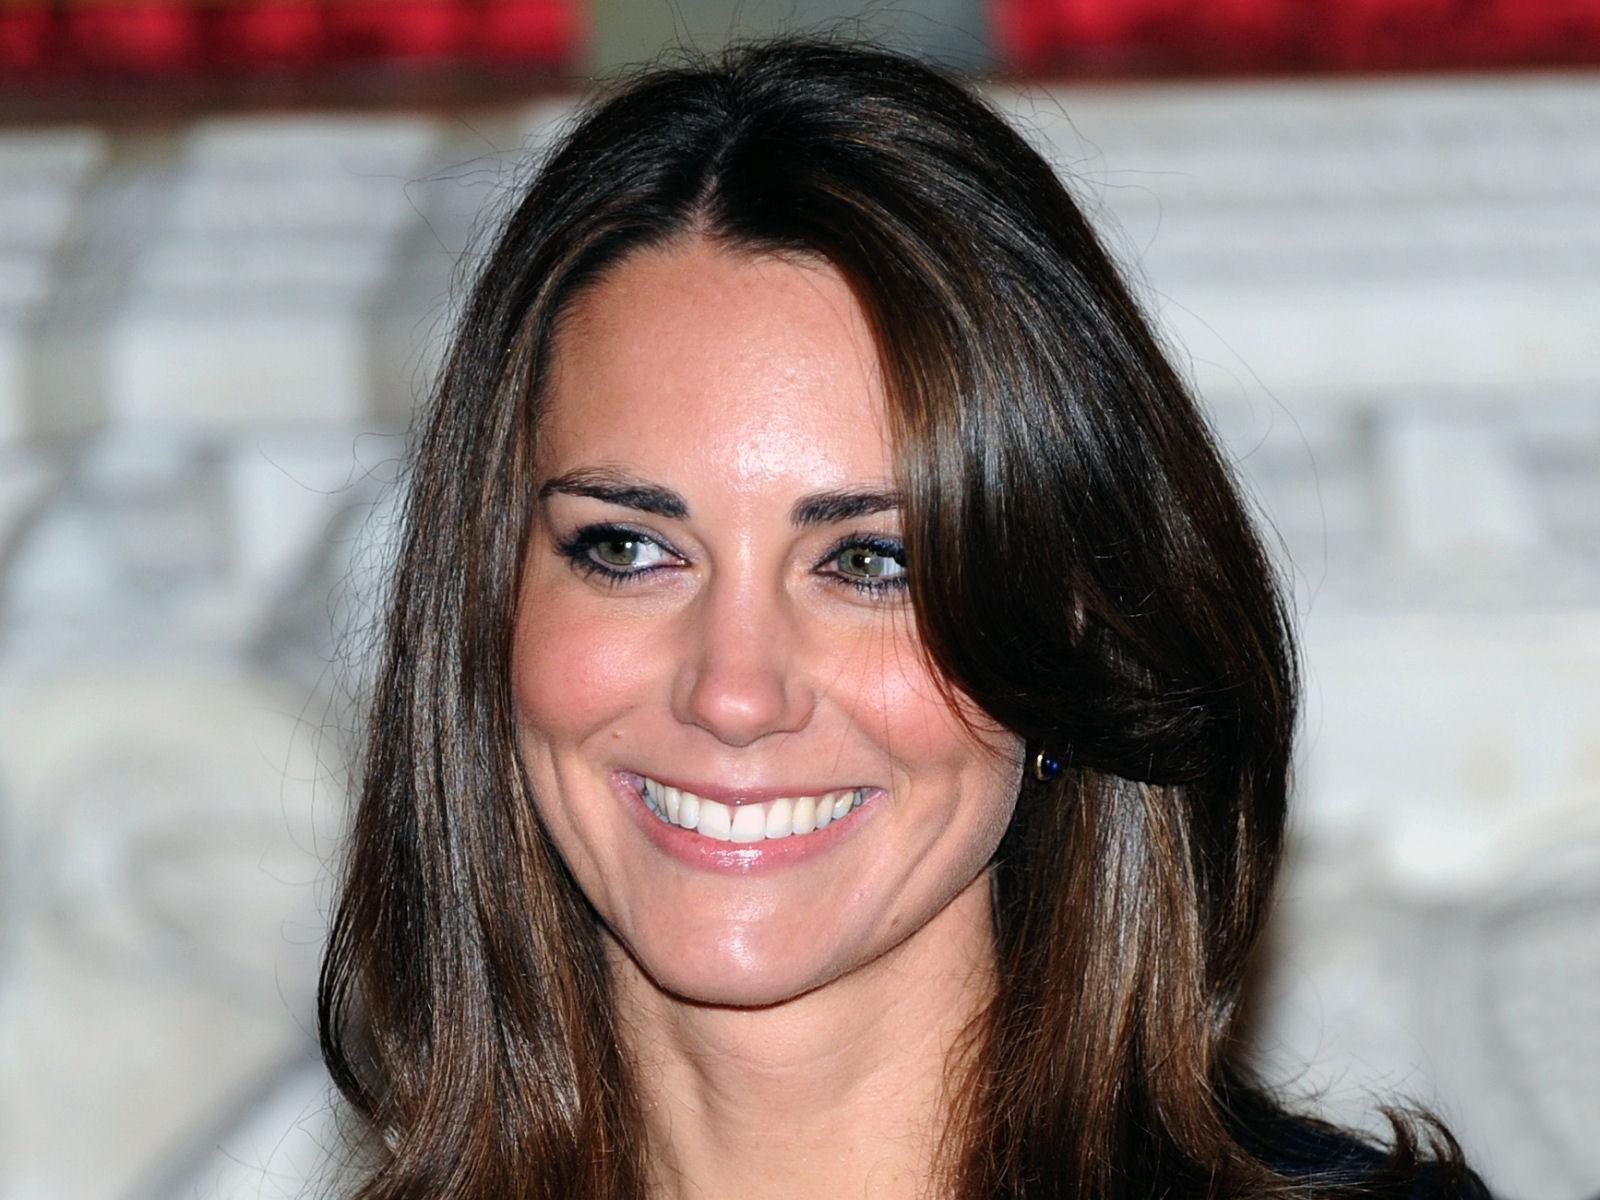 Kate Middleton, siempre preciosa